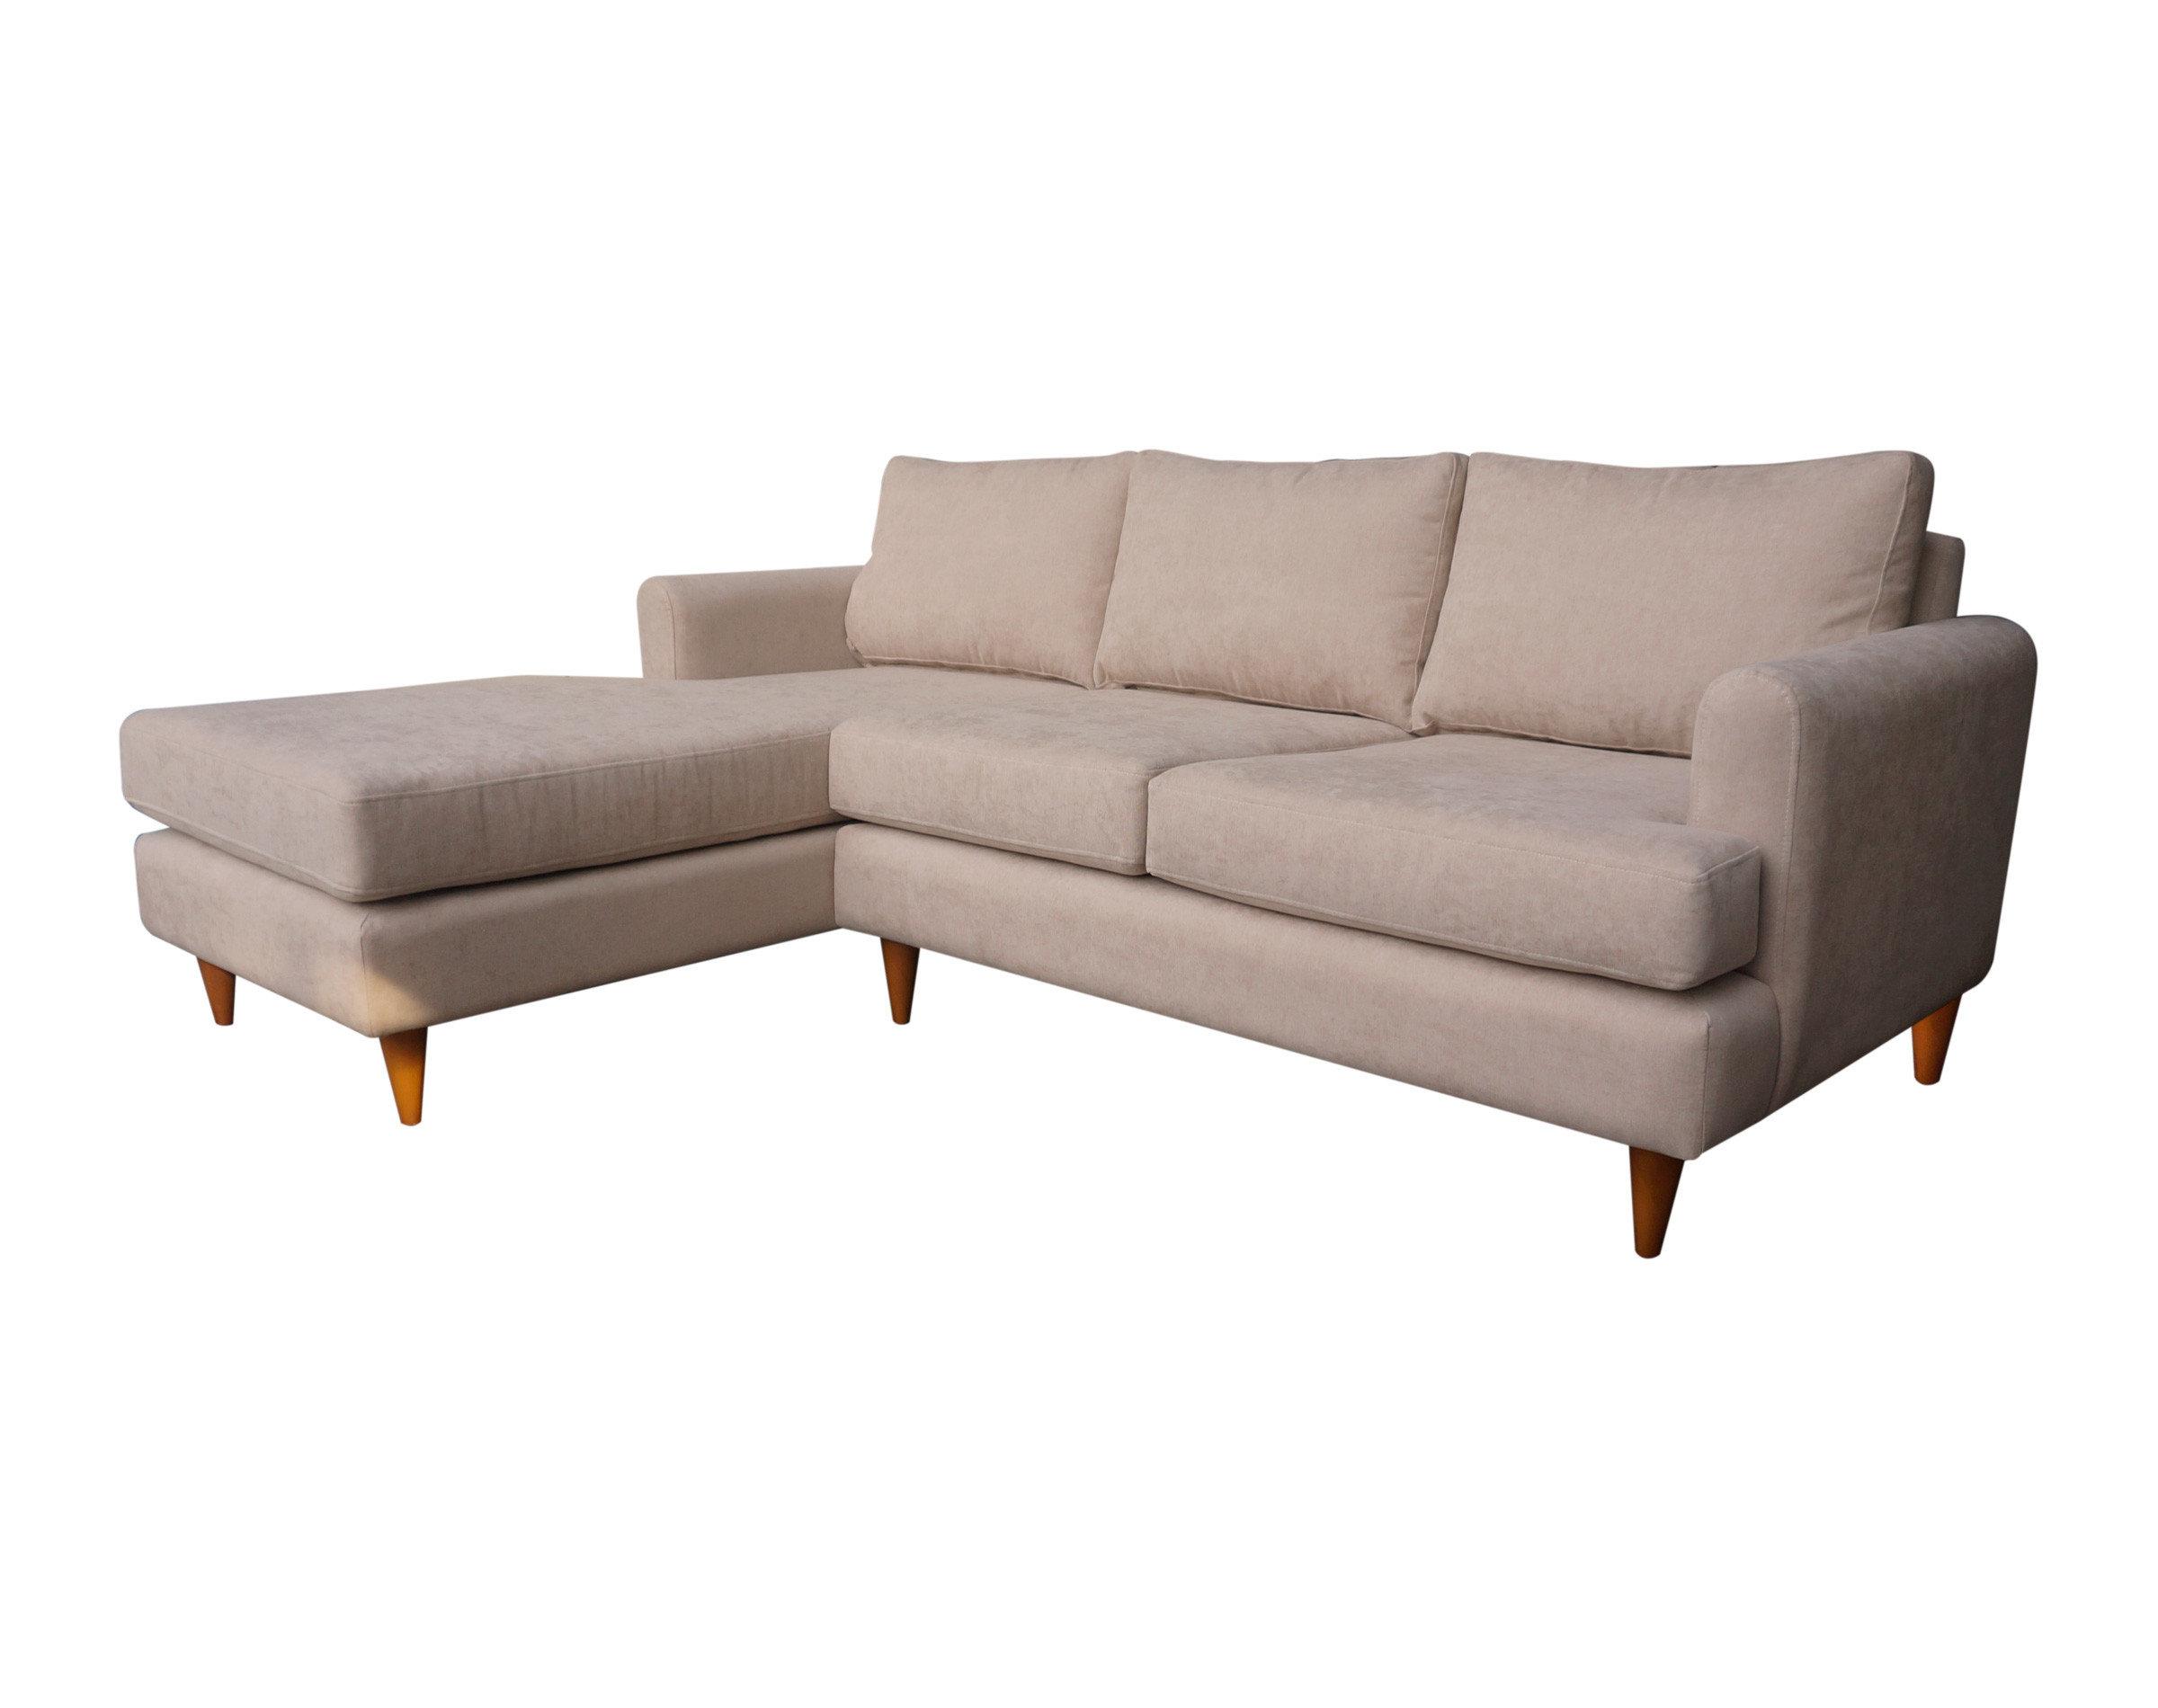 Mejores marcas de sofas las mejores marcas de sofs - Los mejores sofas del mercado ...